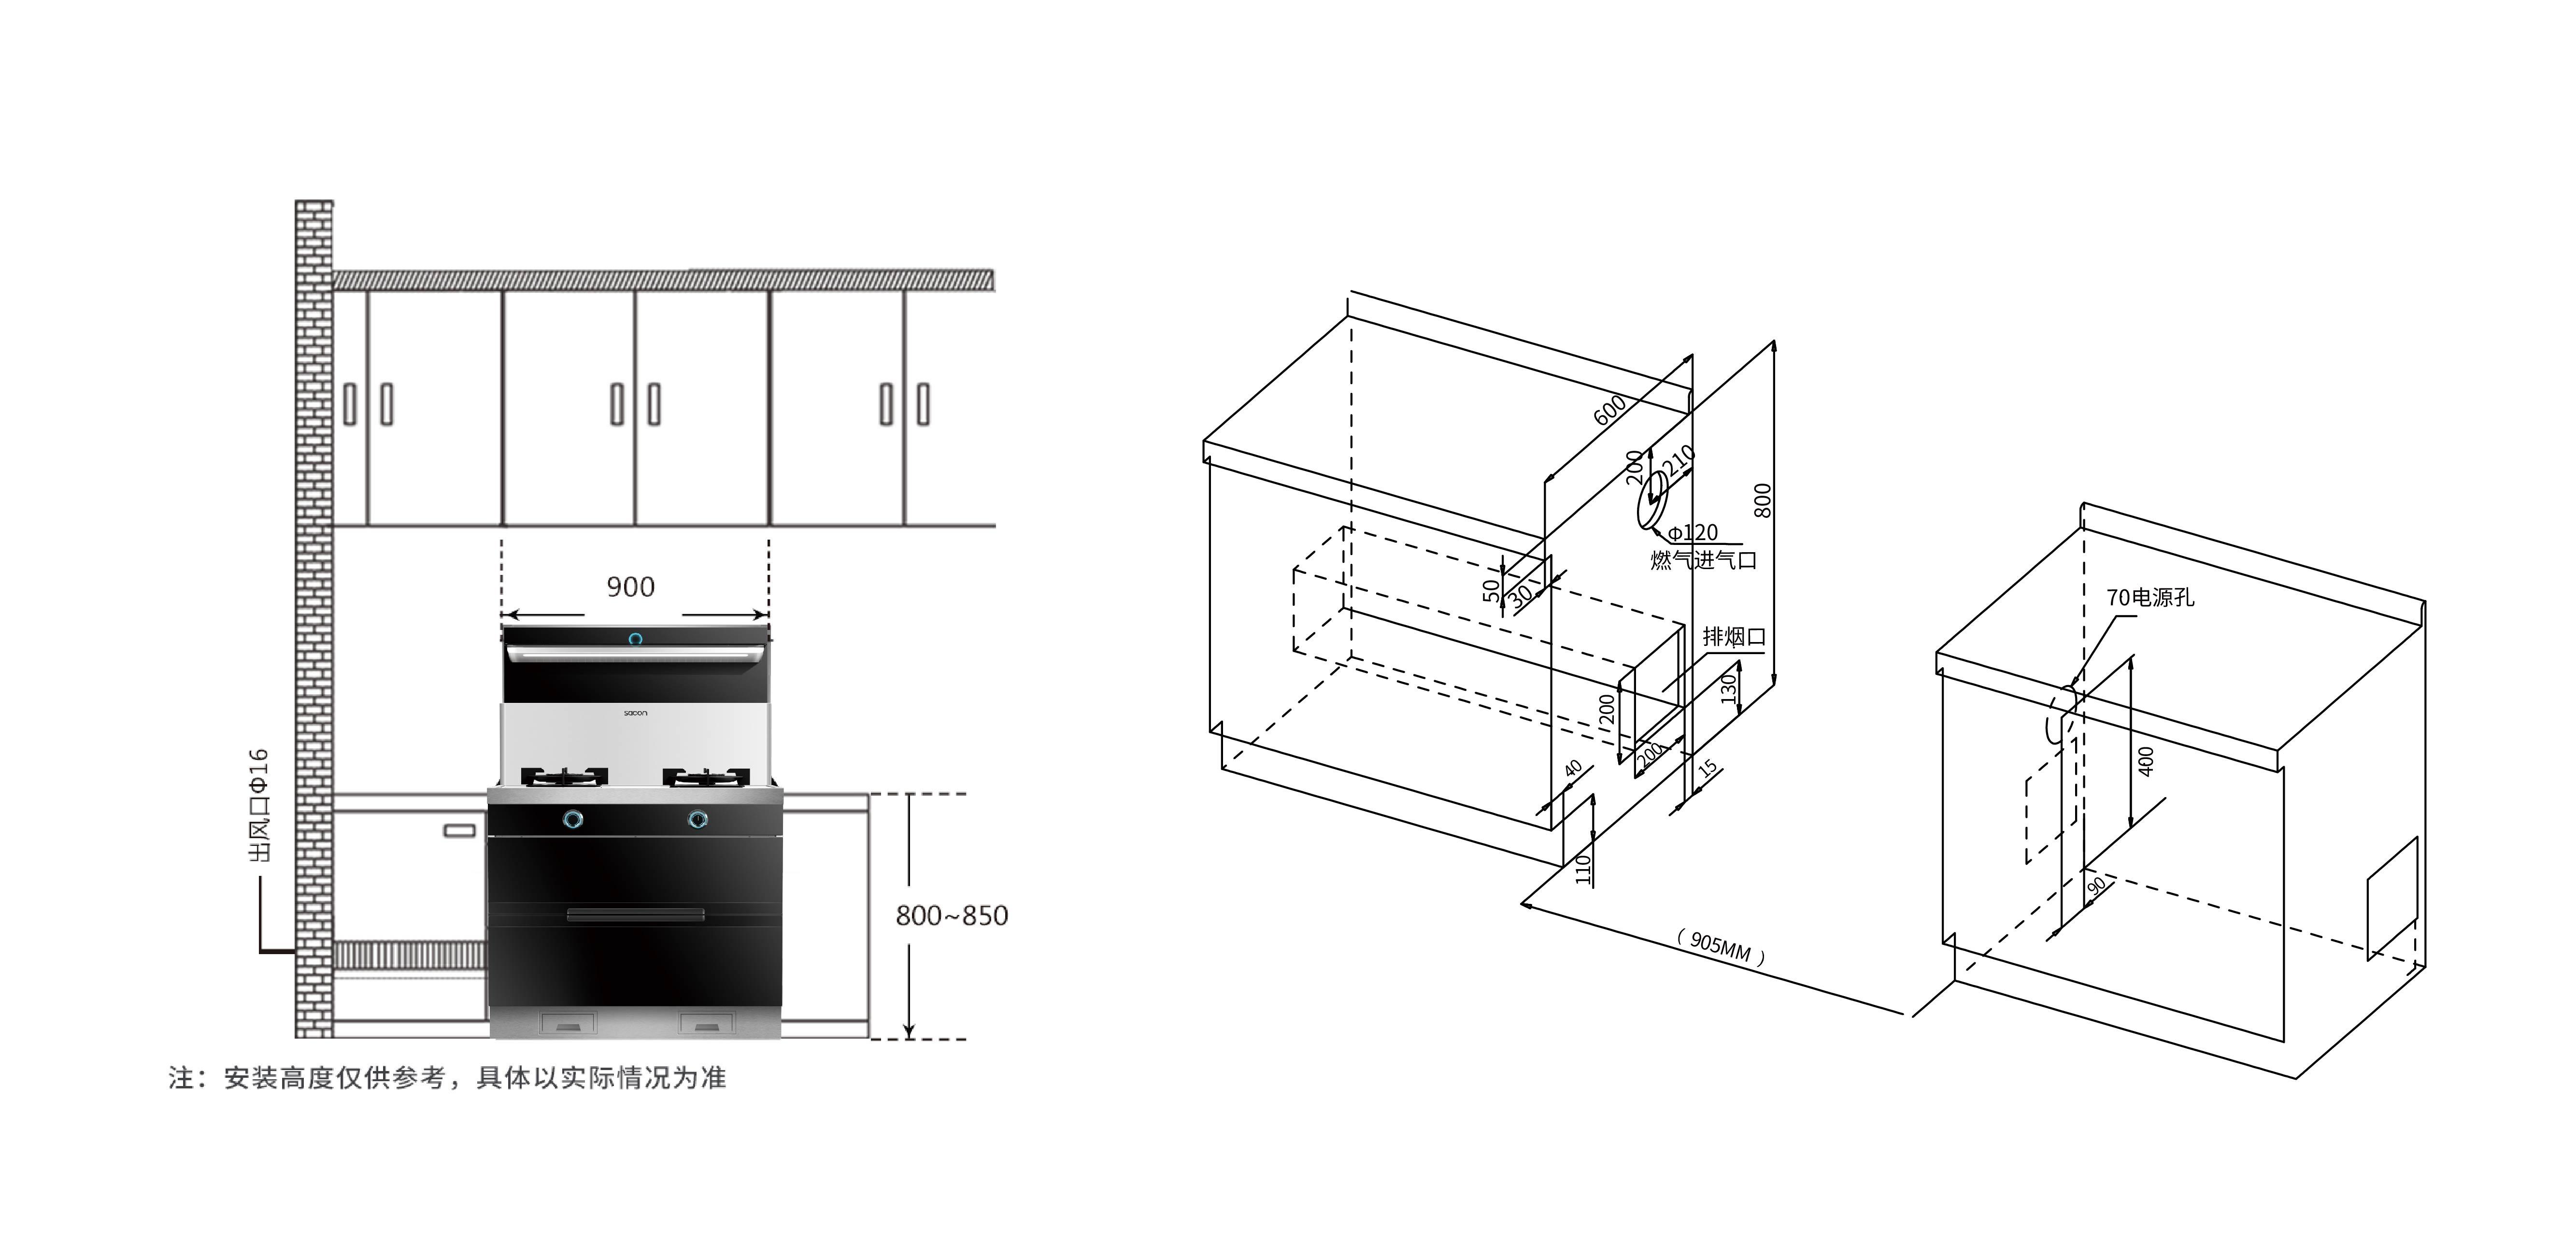 帅康GX670自动清洗集成灶